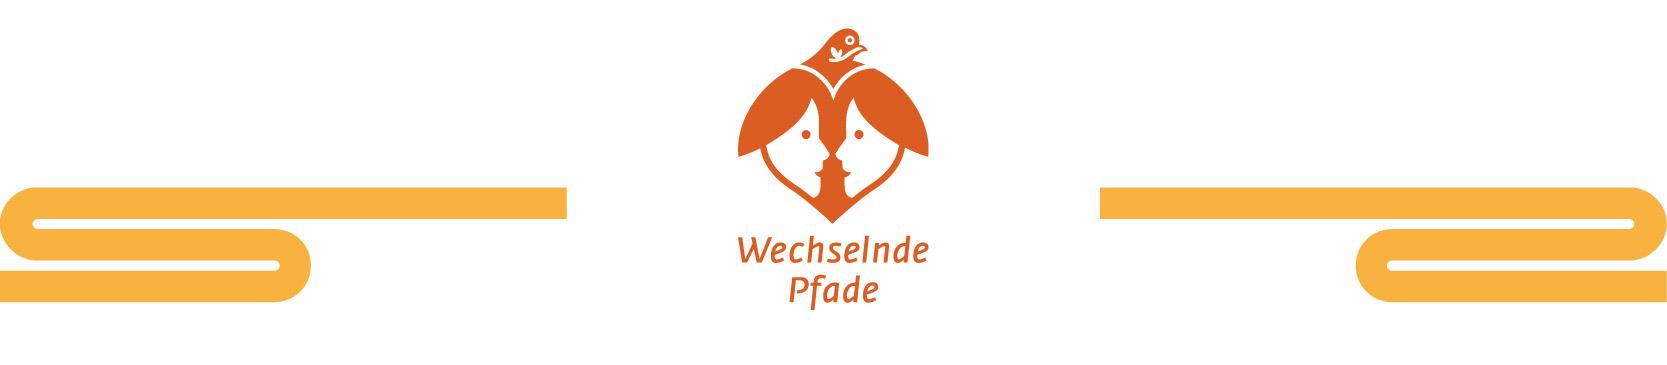 Titelbild von wechselnde-pfade.de mit Logo